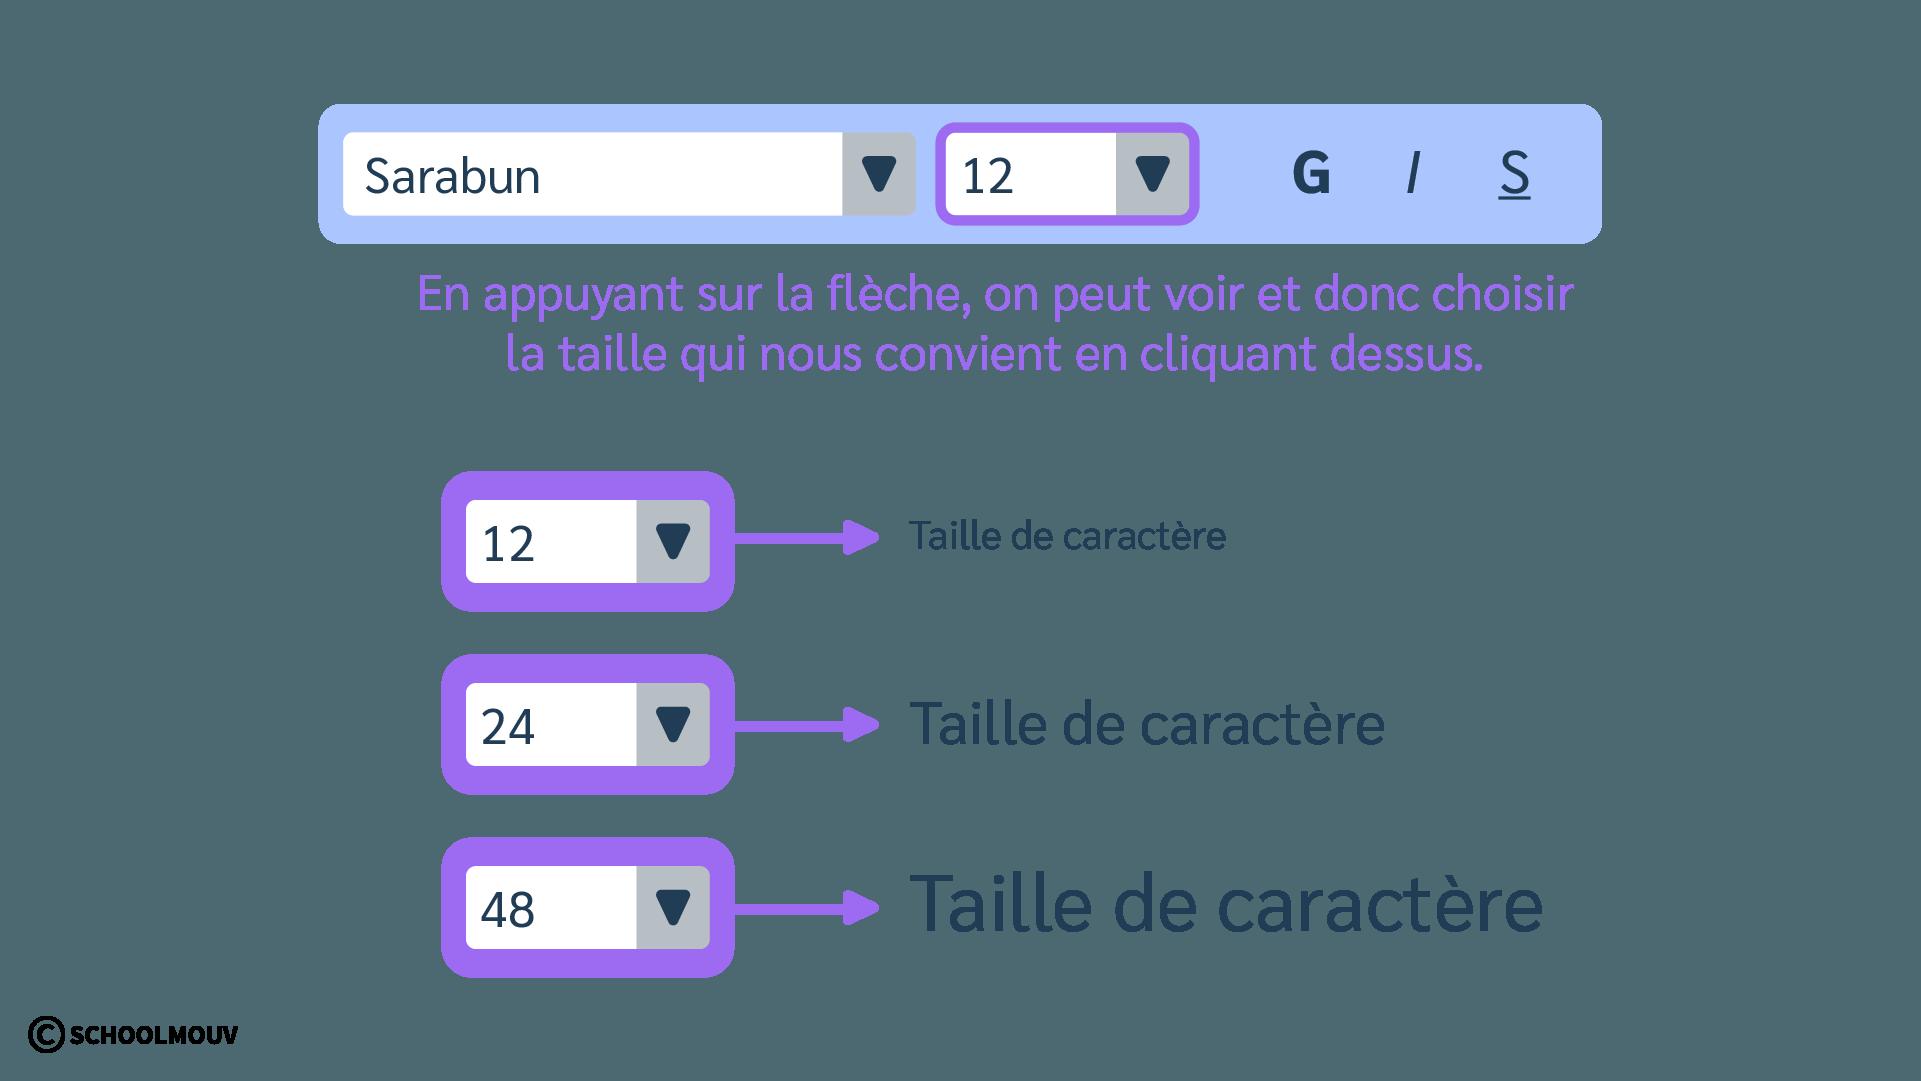 Logiciel de traitement de texte - Taille des caractères - Barre de menu - SchoolMouv - Sciences - CE1